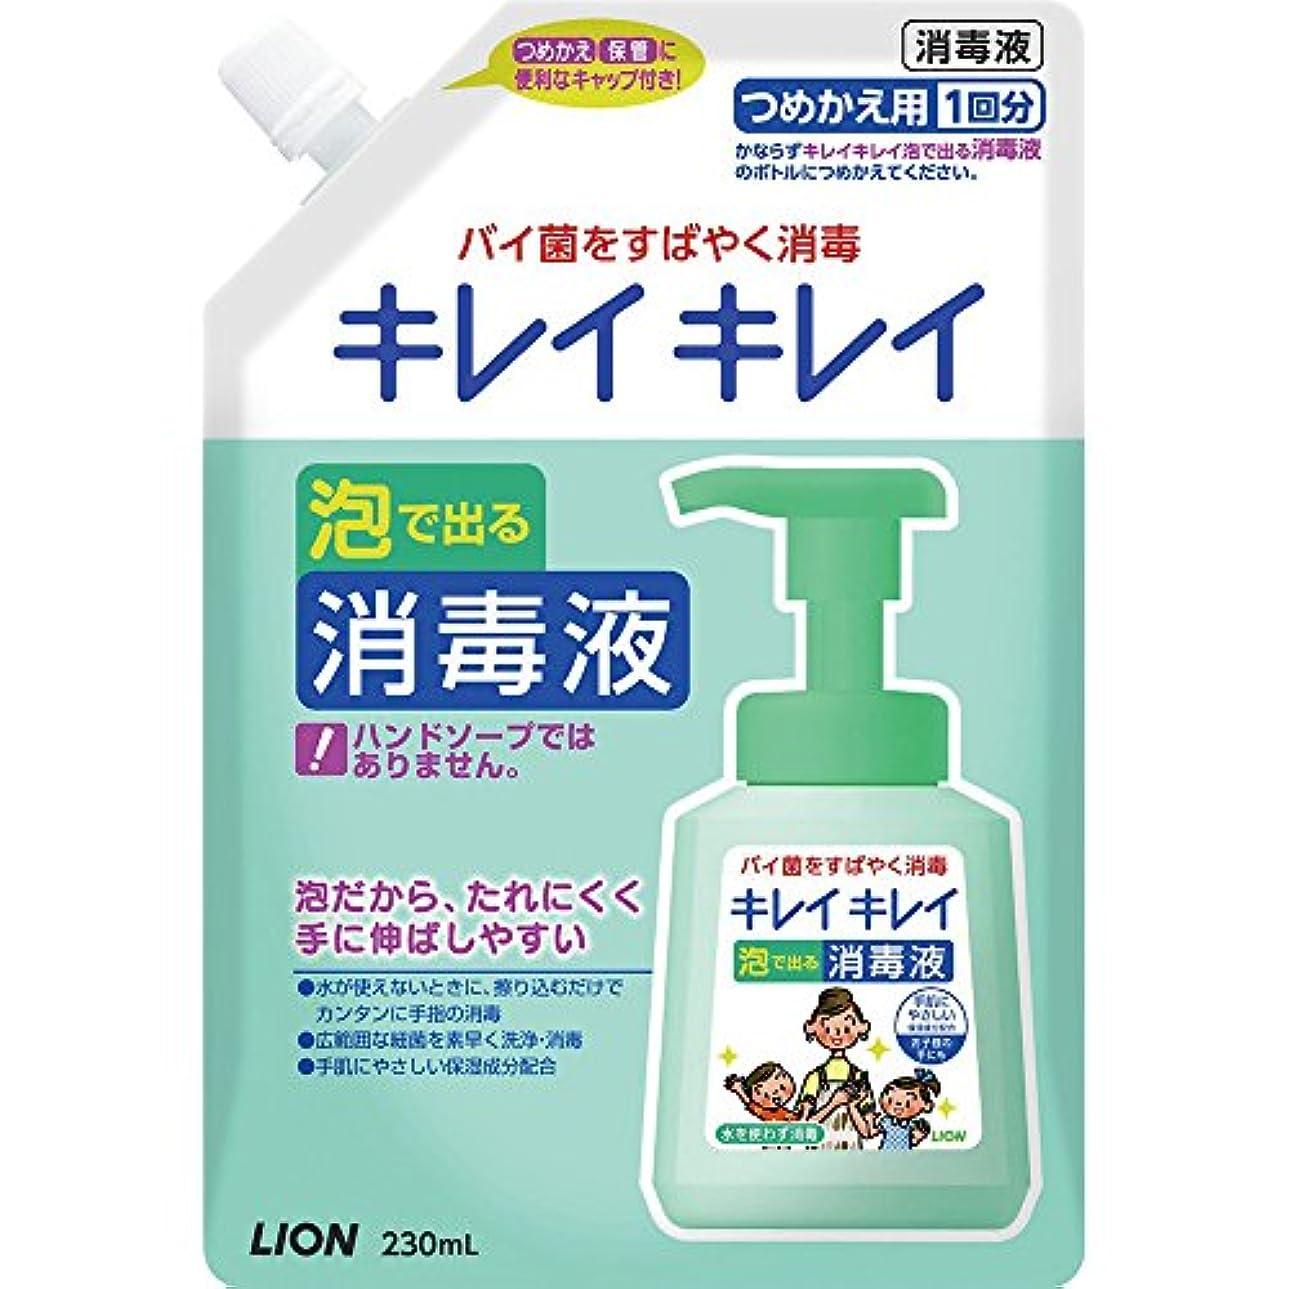 含むマウントバンク気取らないキレイキレイ 薬 泡ででる消毒液 詰替 230ml (指定医薬部外品)